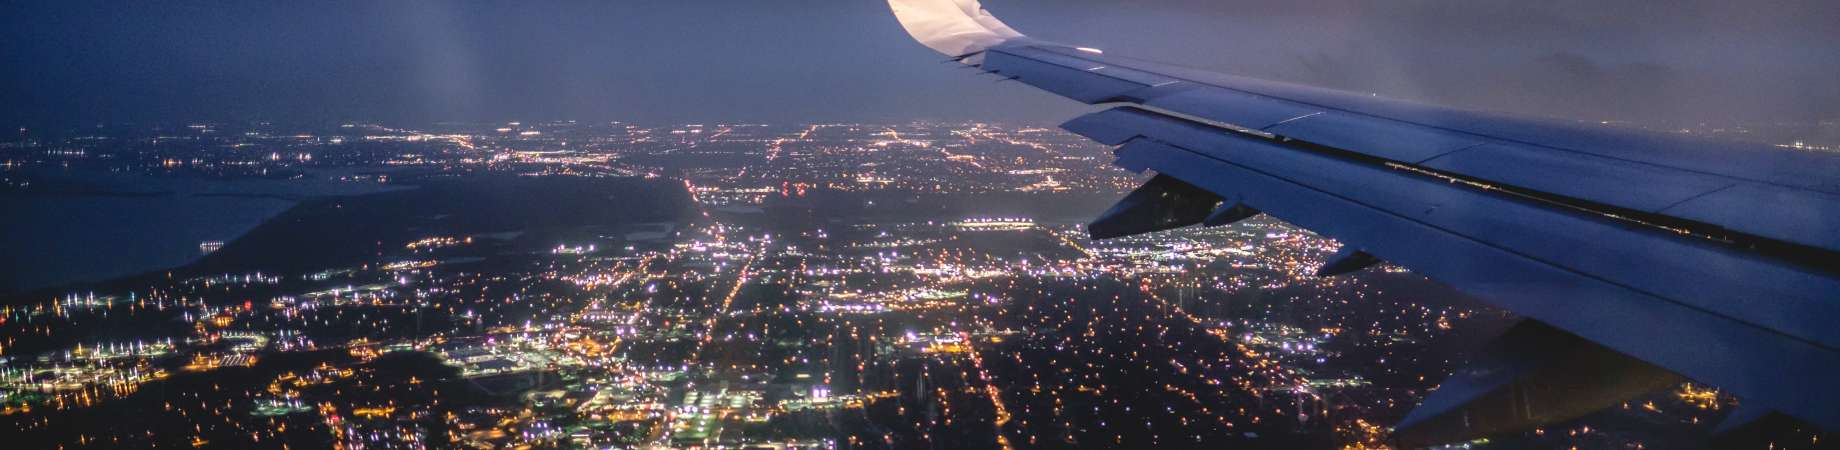 Incognito Travel Agency Dallas, Texas